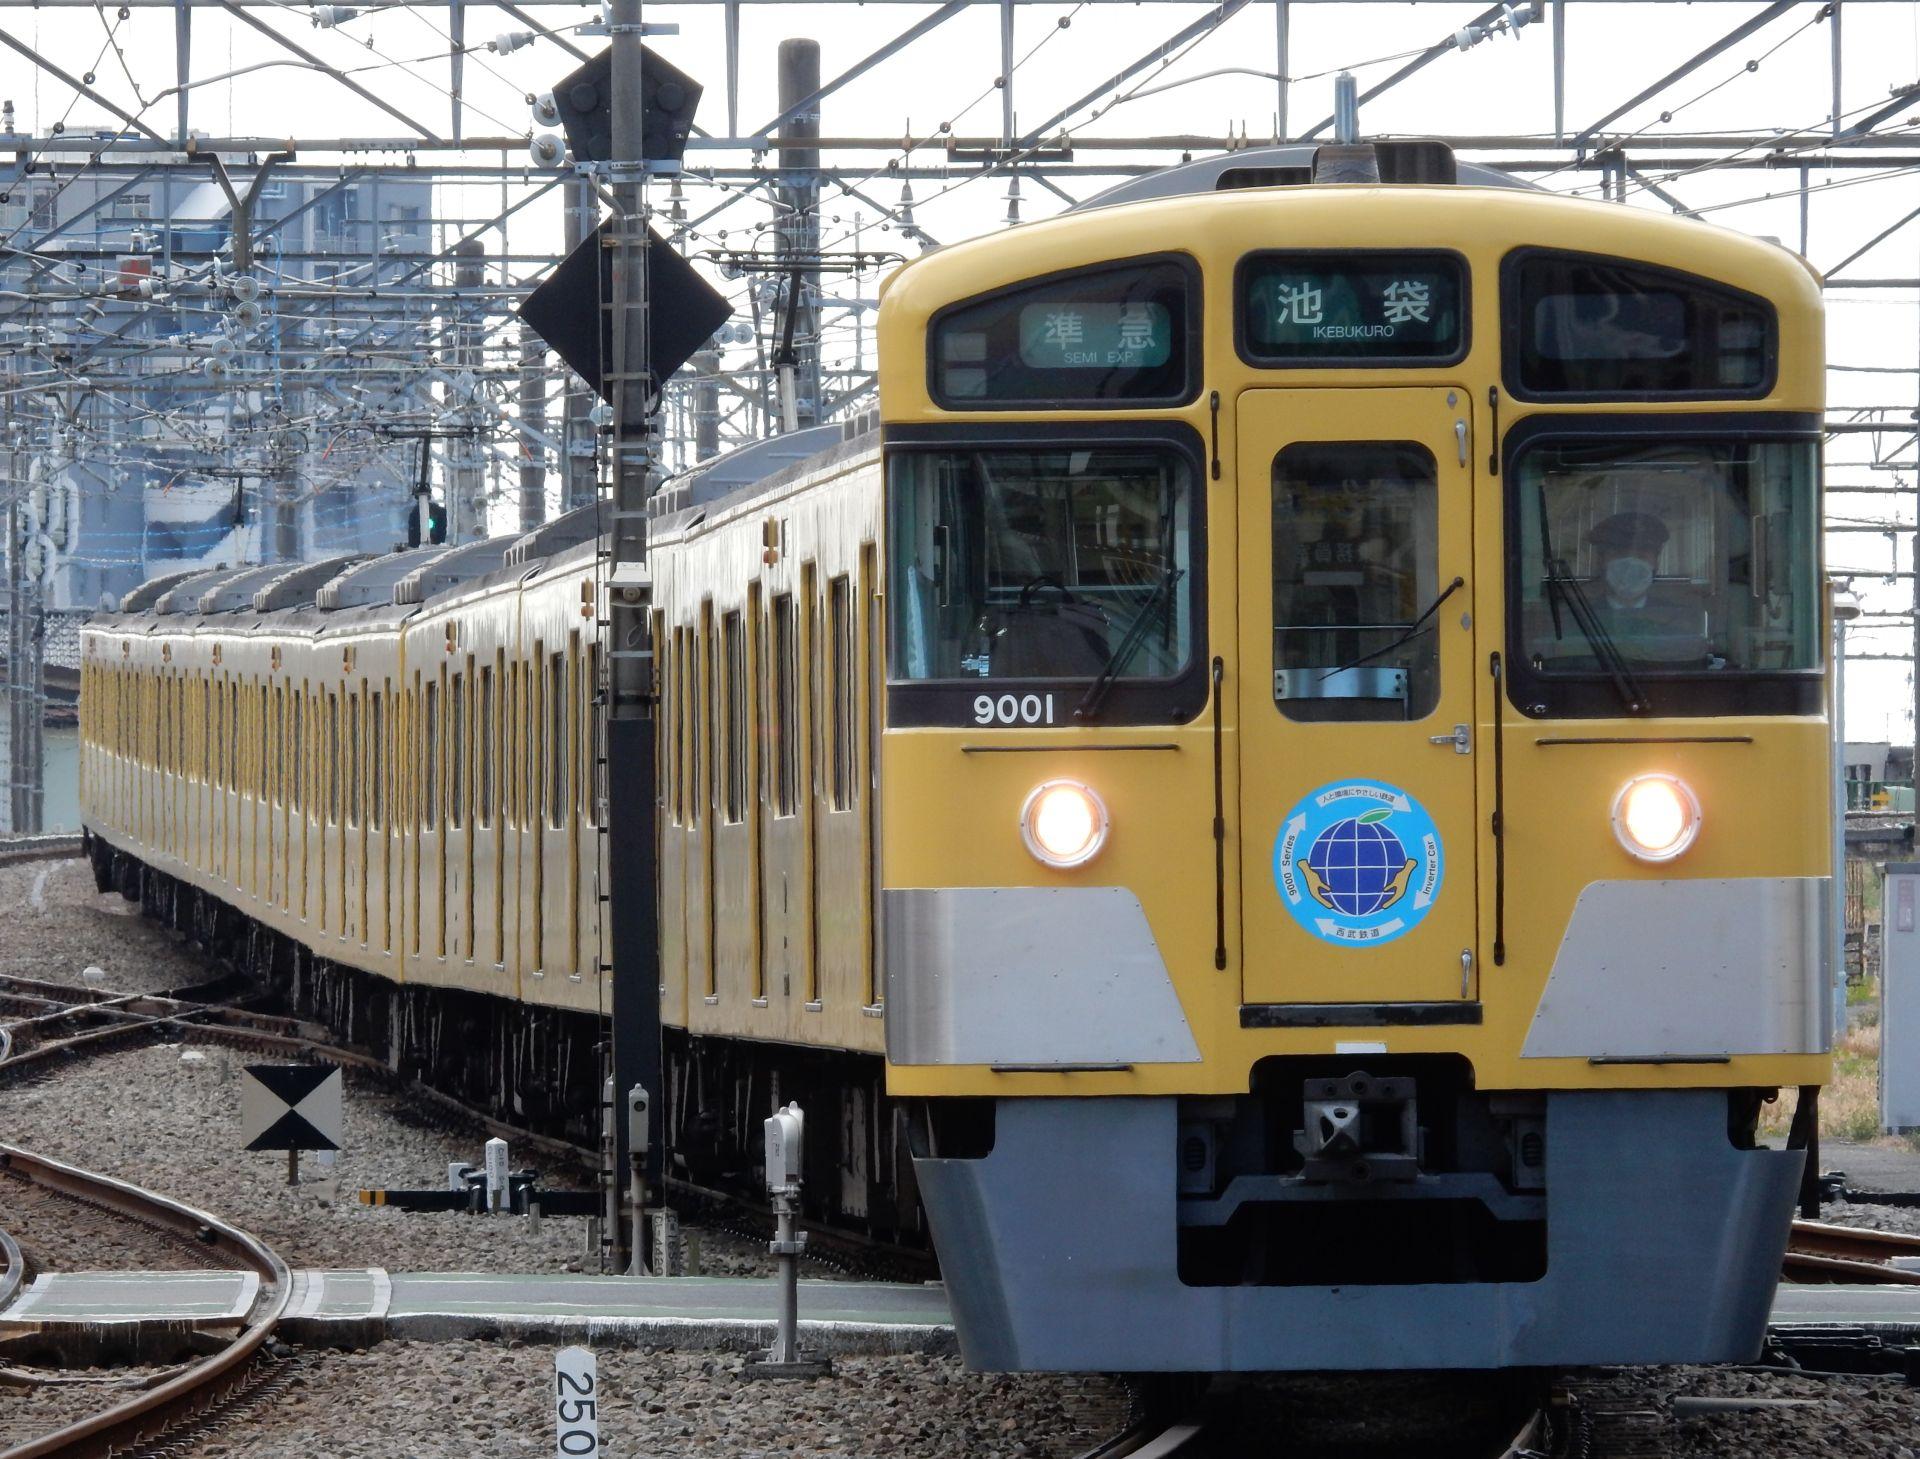 DSCN6005 - コピー